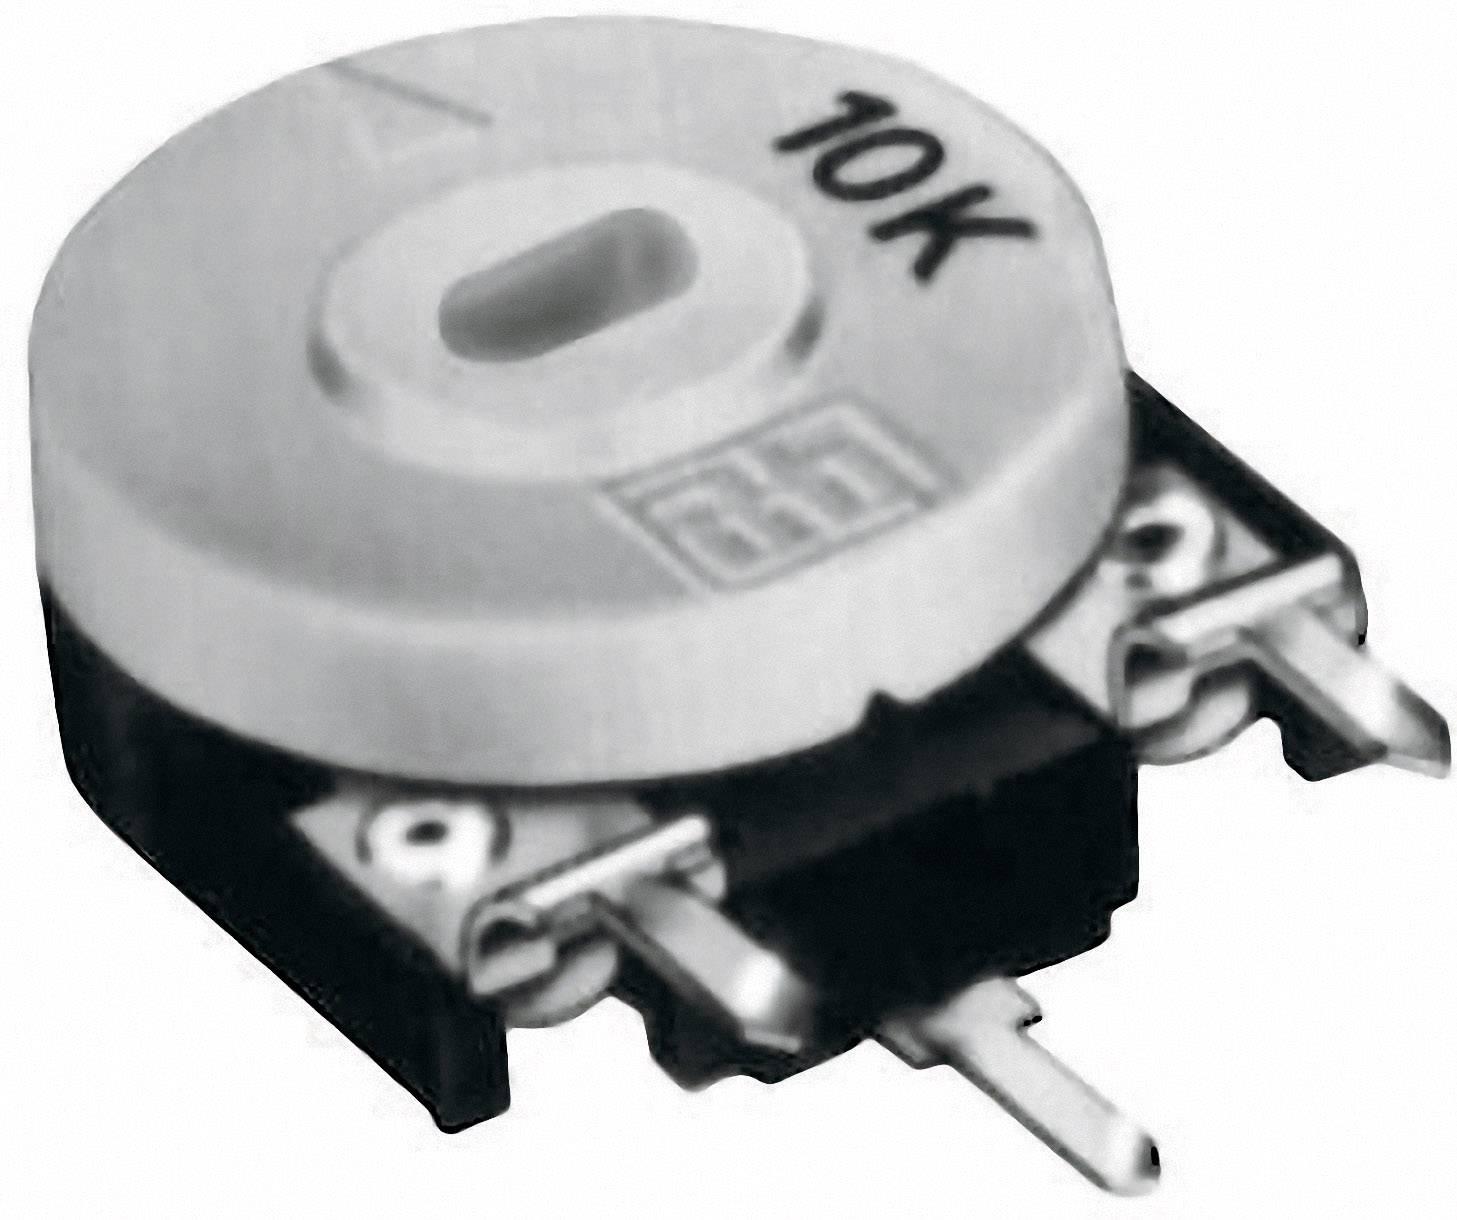 Uhlíkový trimer TT Electronics AB 21553605, lineárny, 100 kOhm, 0.15 W, 1 ks